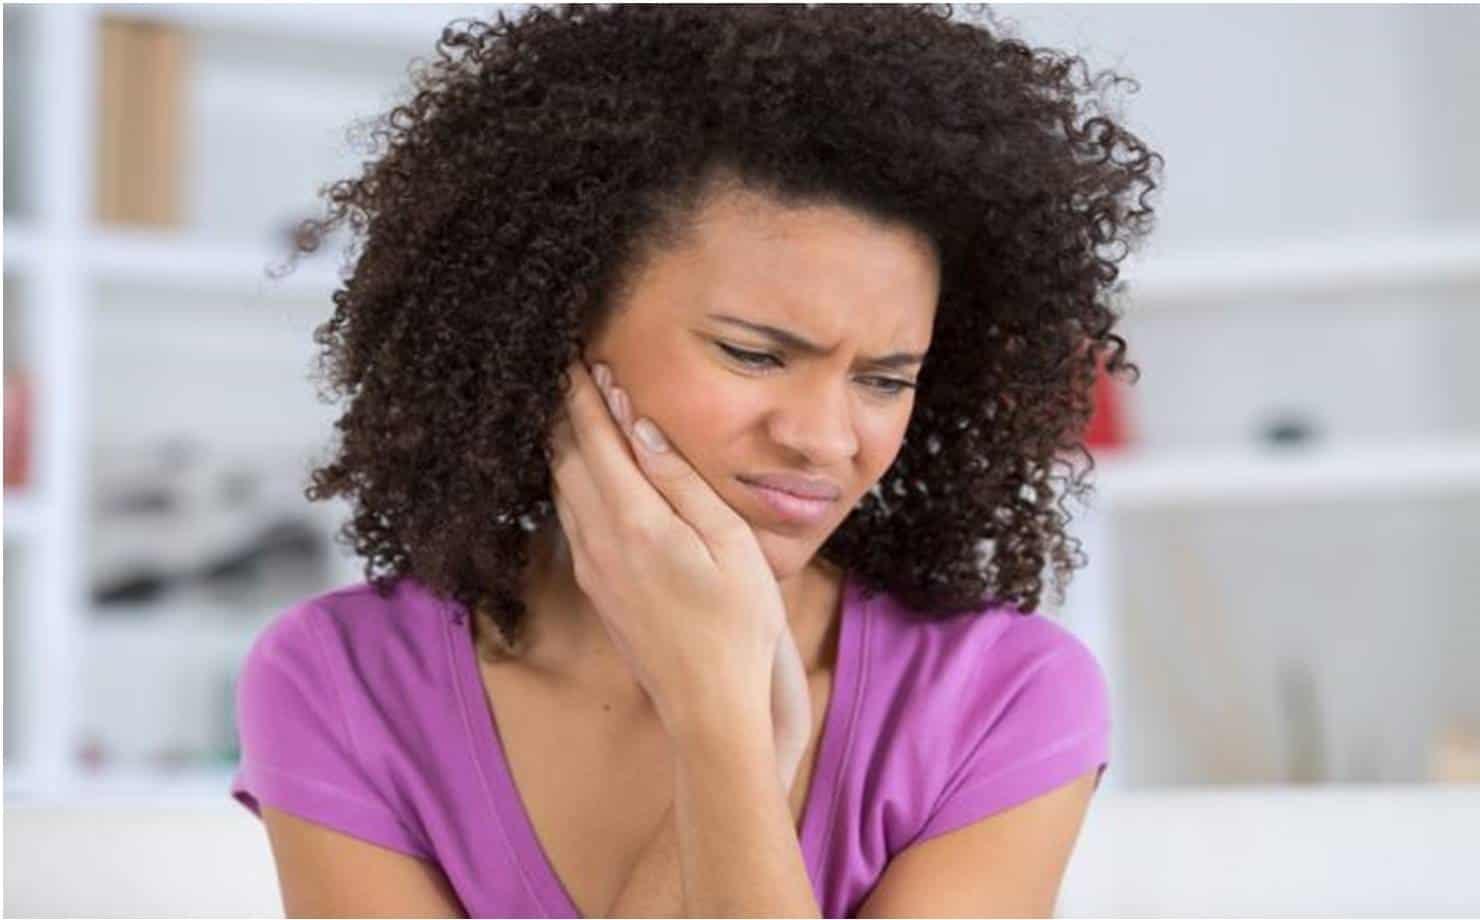 Remédios caseiros para aliviar a dor de dente e dicas para evitar cáries